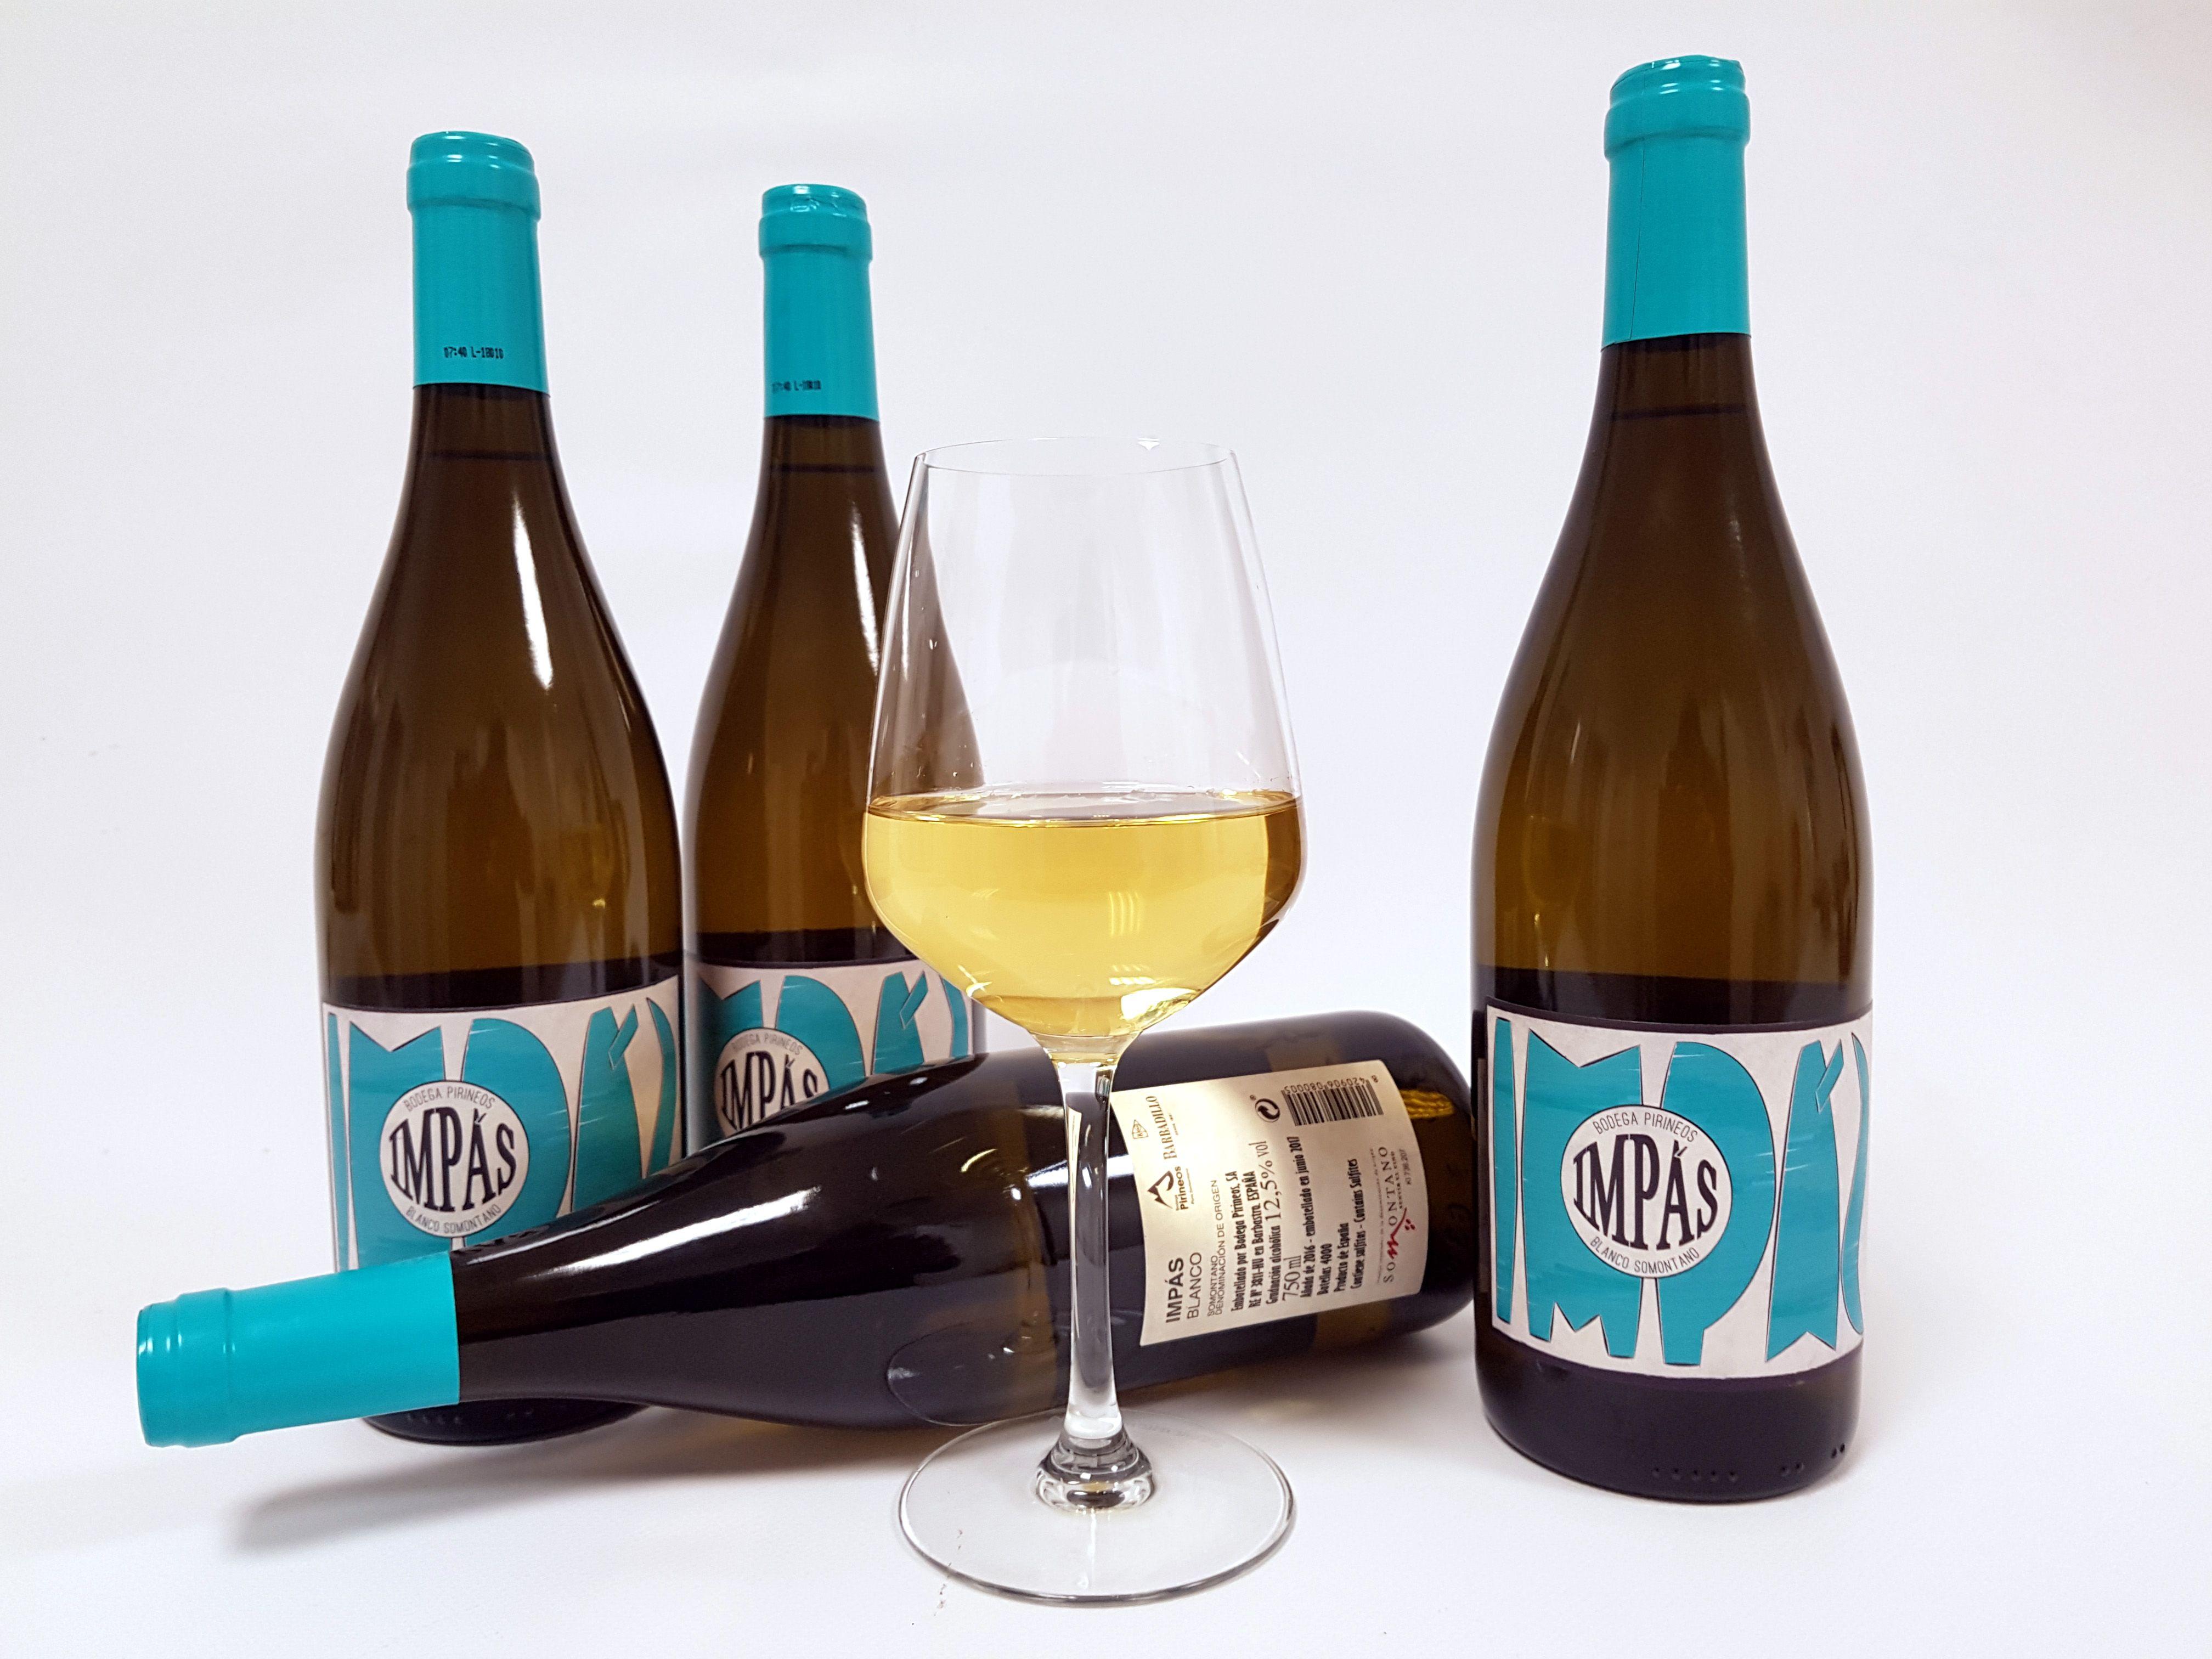 Nuevo blanco de Bodega Pirineos: riqueza aromática, intensidad y complejidad en un vino diferente